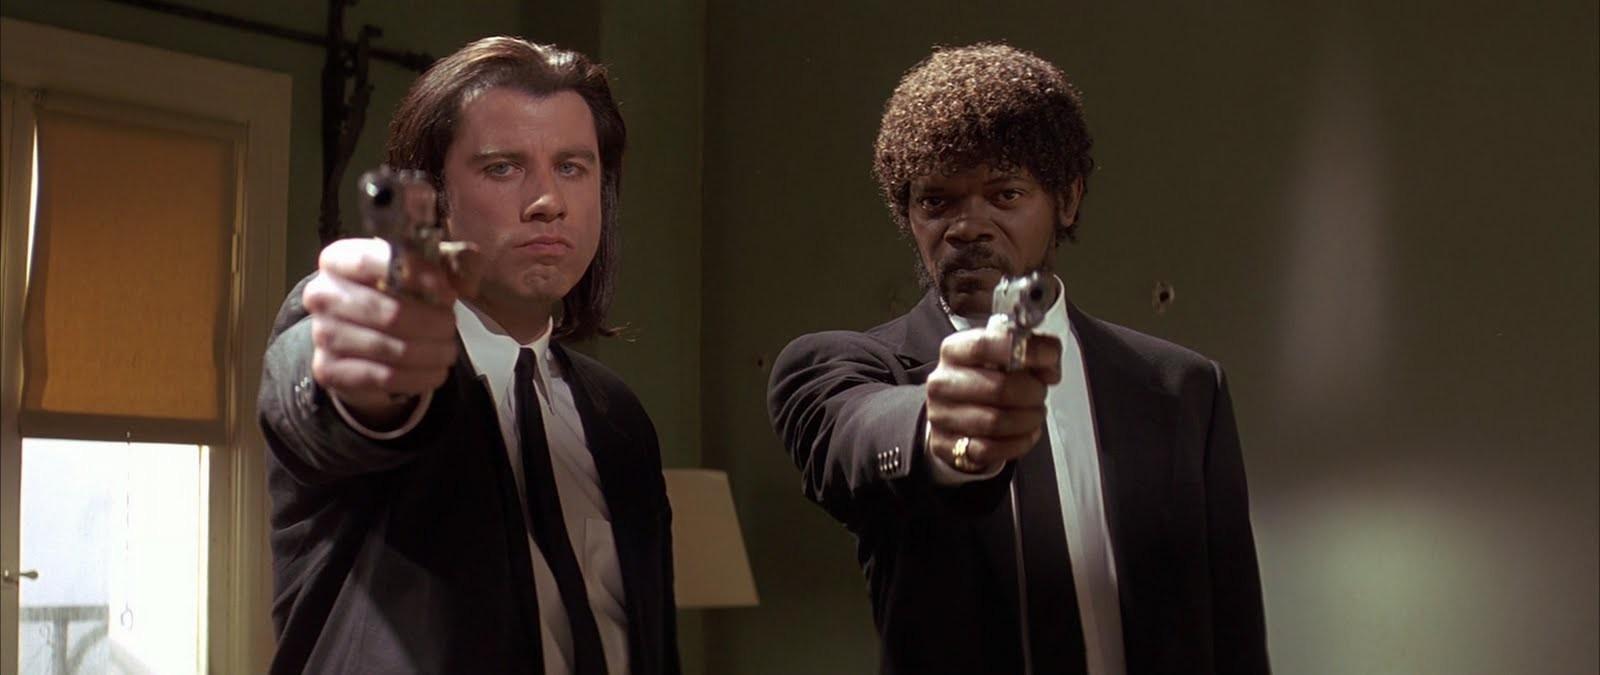 Cine y Arquitectura: Rem Koolhaas y los tiempos violentos , Video captura de la película Pulp Fiction (1994) de Quentin Tarantino